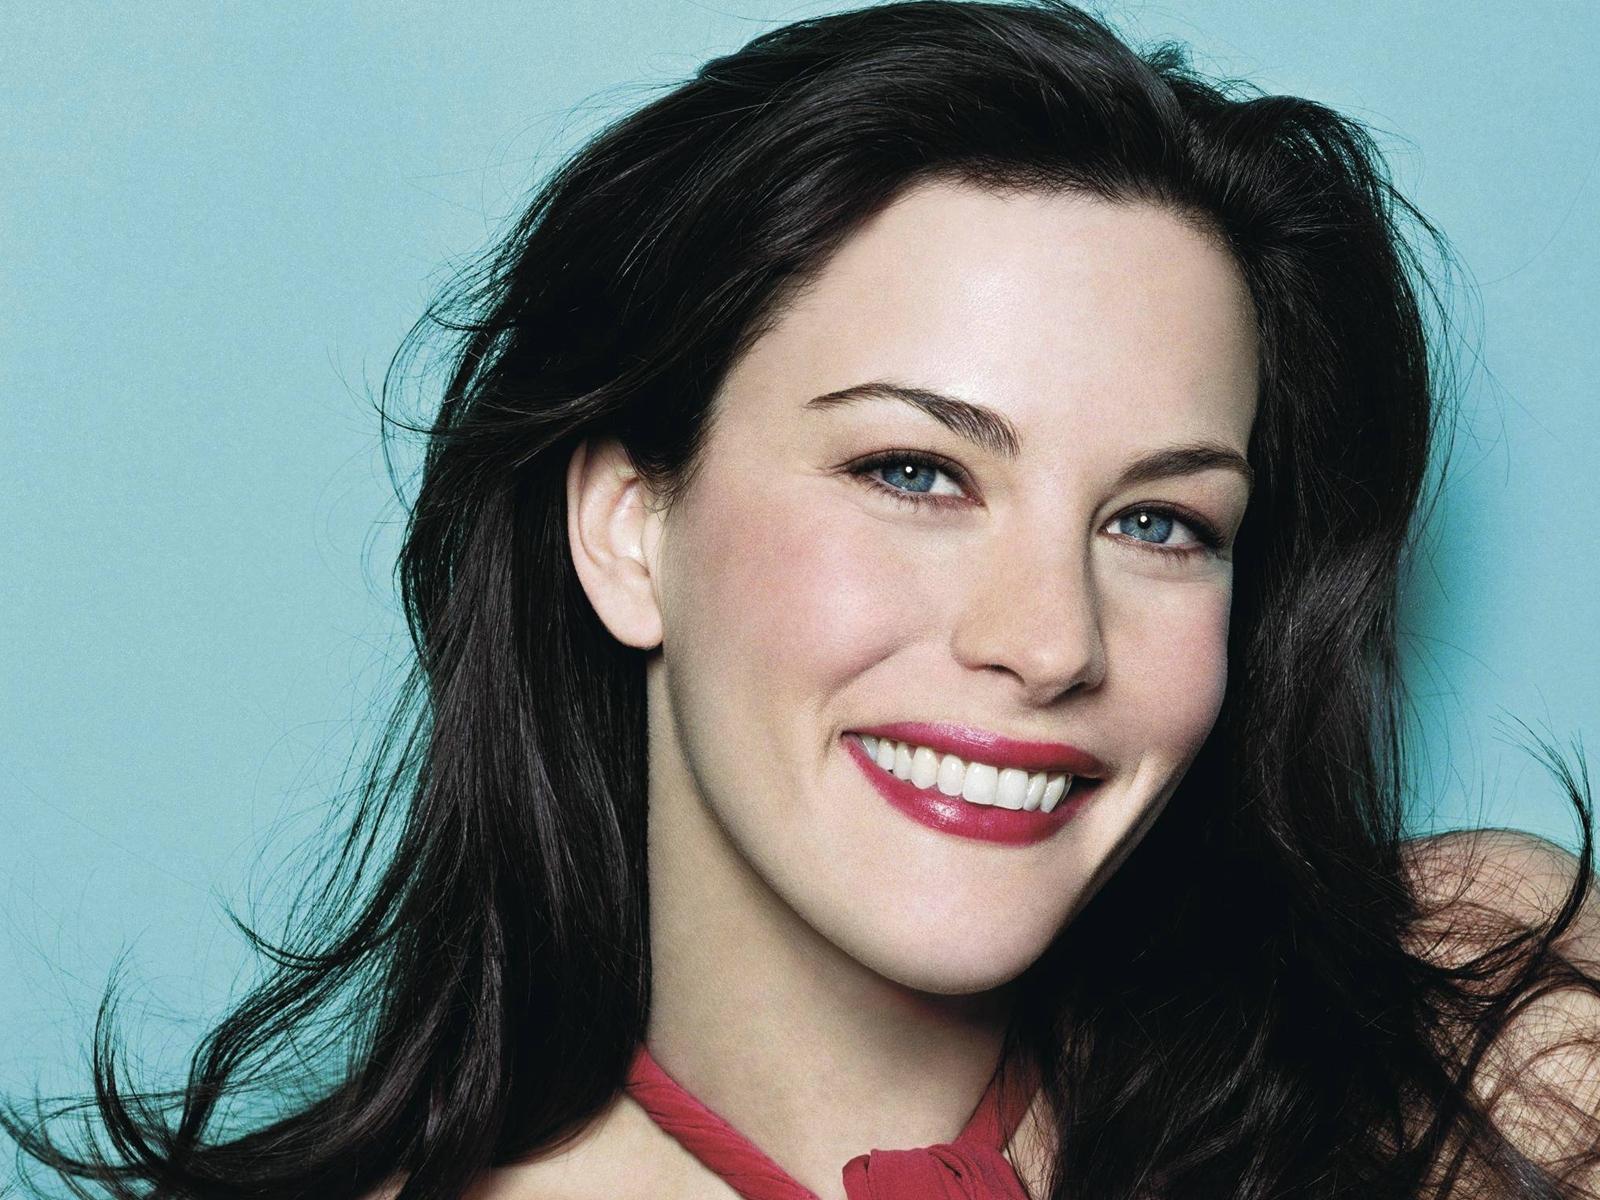 Serie tv HBO: Liv Tyler protagonista del nuovo drama dal produttore di Lost